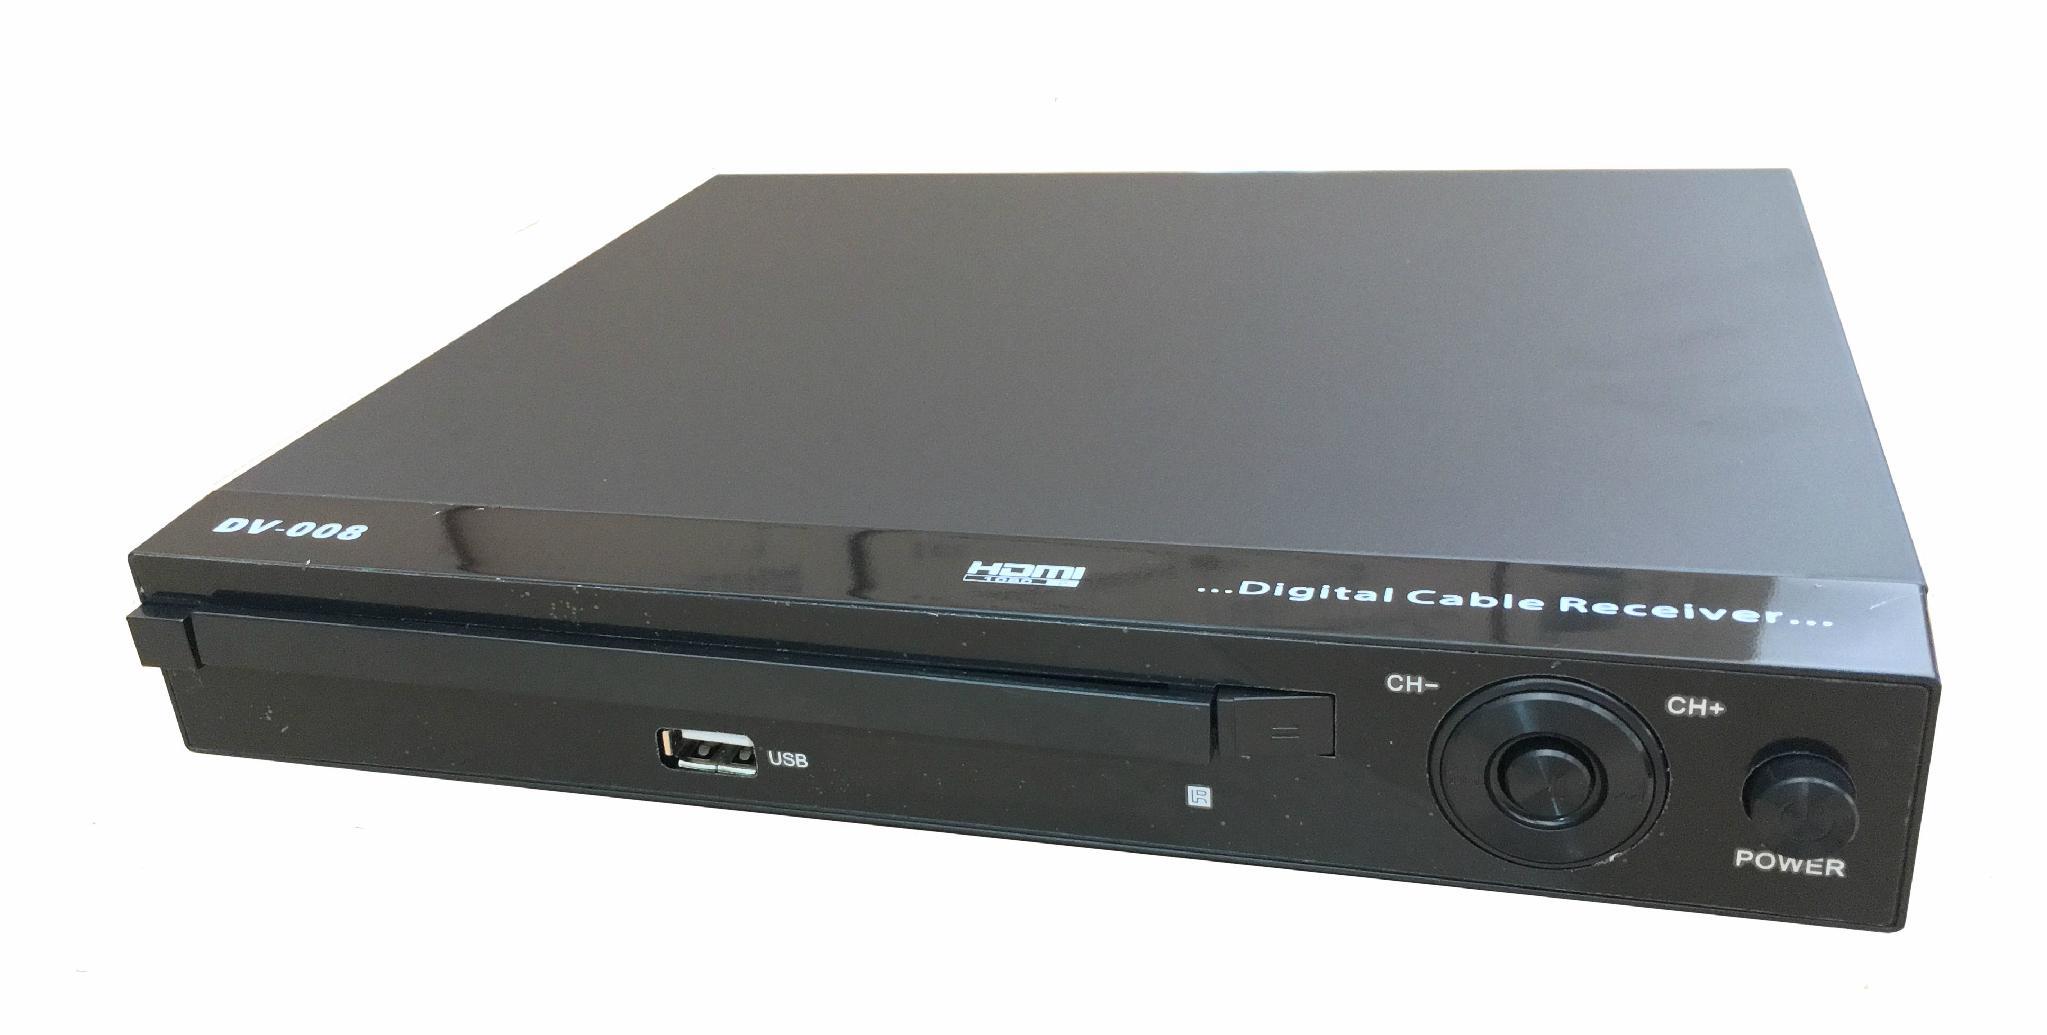 傢具展廳電視機頂盒模型 4